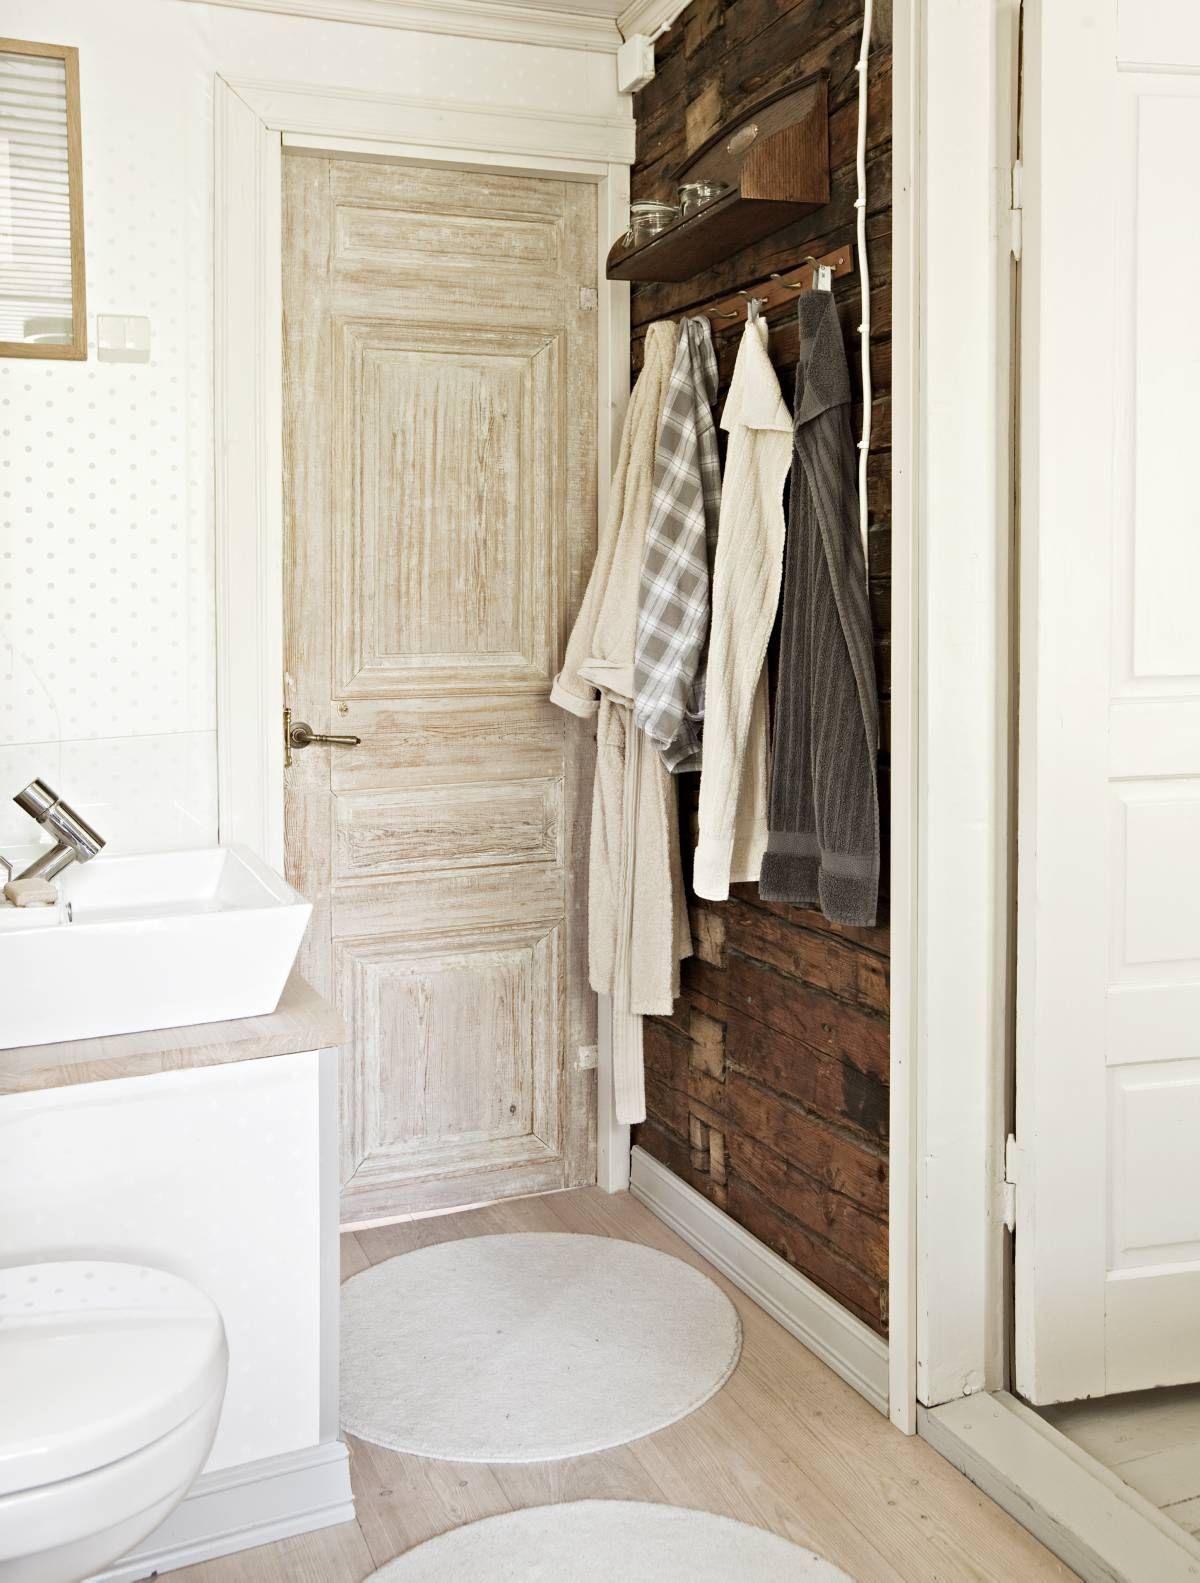 Keskikerroksen vessaan mennään 1800-luvun ovesta, joka on hankittu Varaosapankista. Allas-taso on Kvikin, wc-istuin Gustavsbergin ja hana Oraksen Alessi-sarjaa.